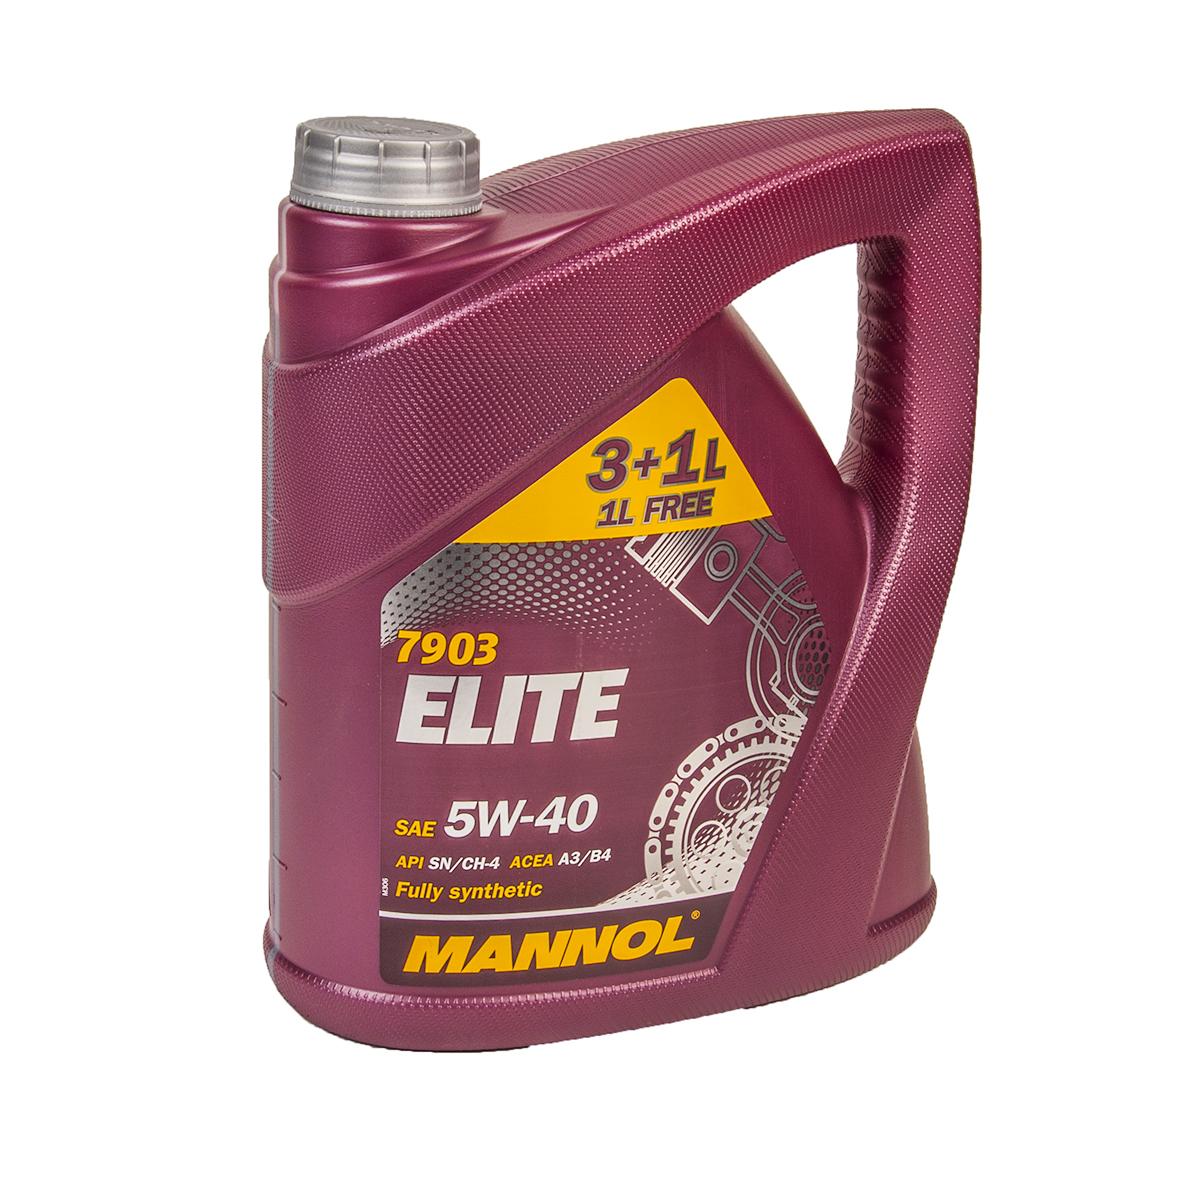 Mannol Elite 5W-40 4л